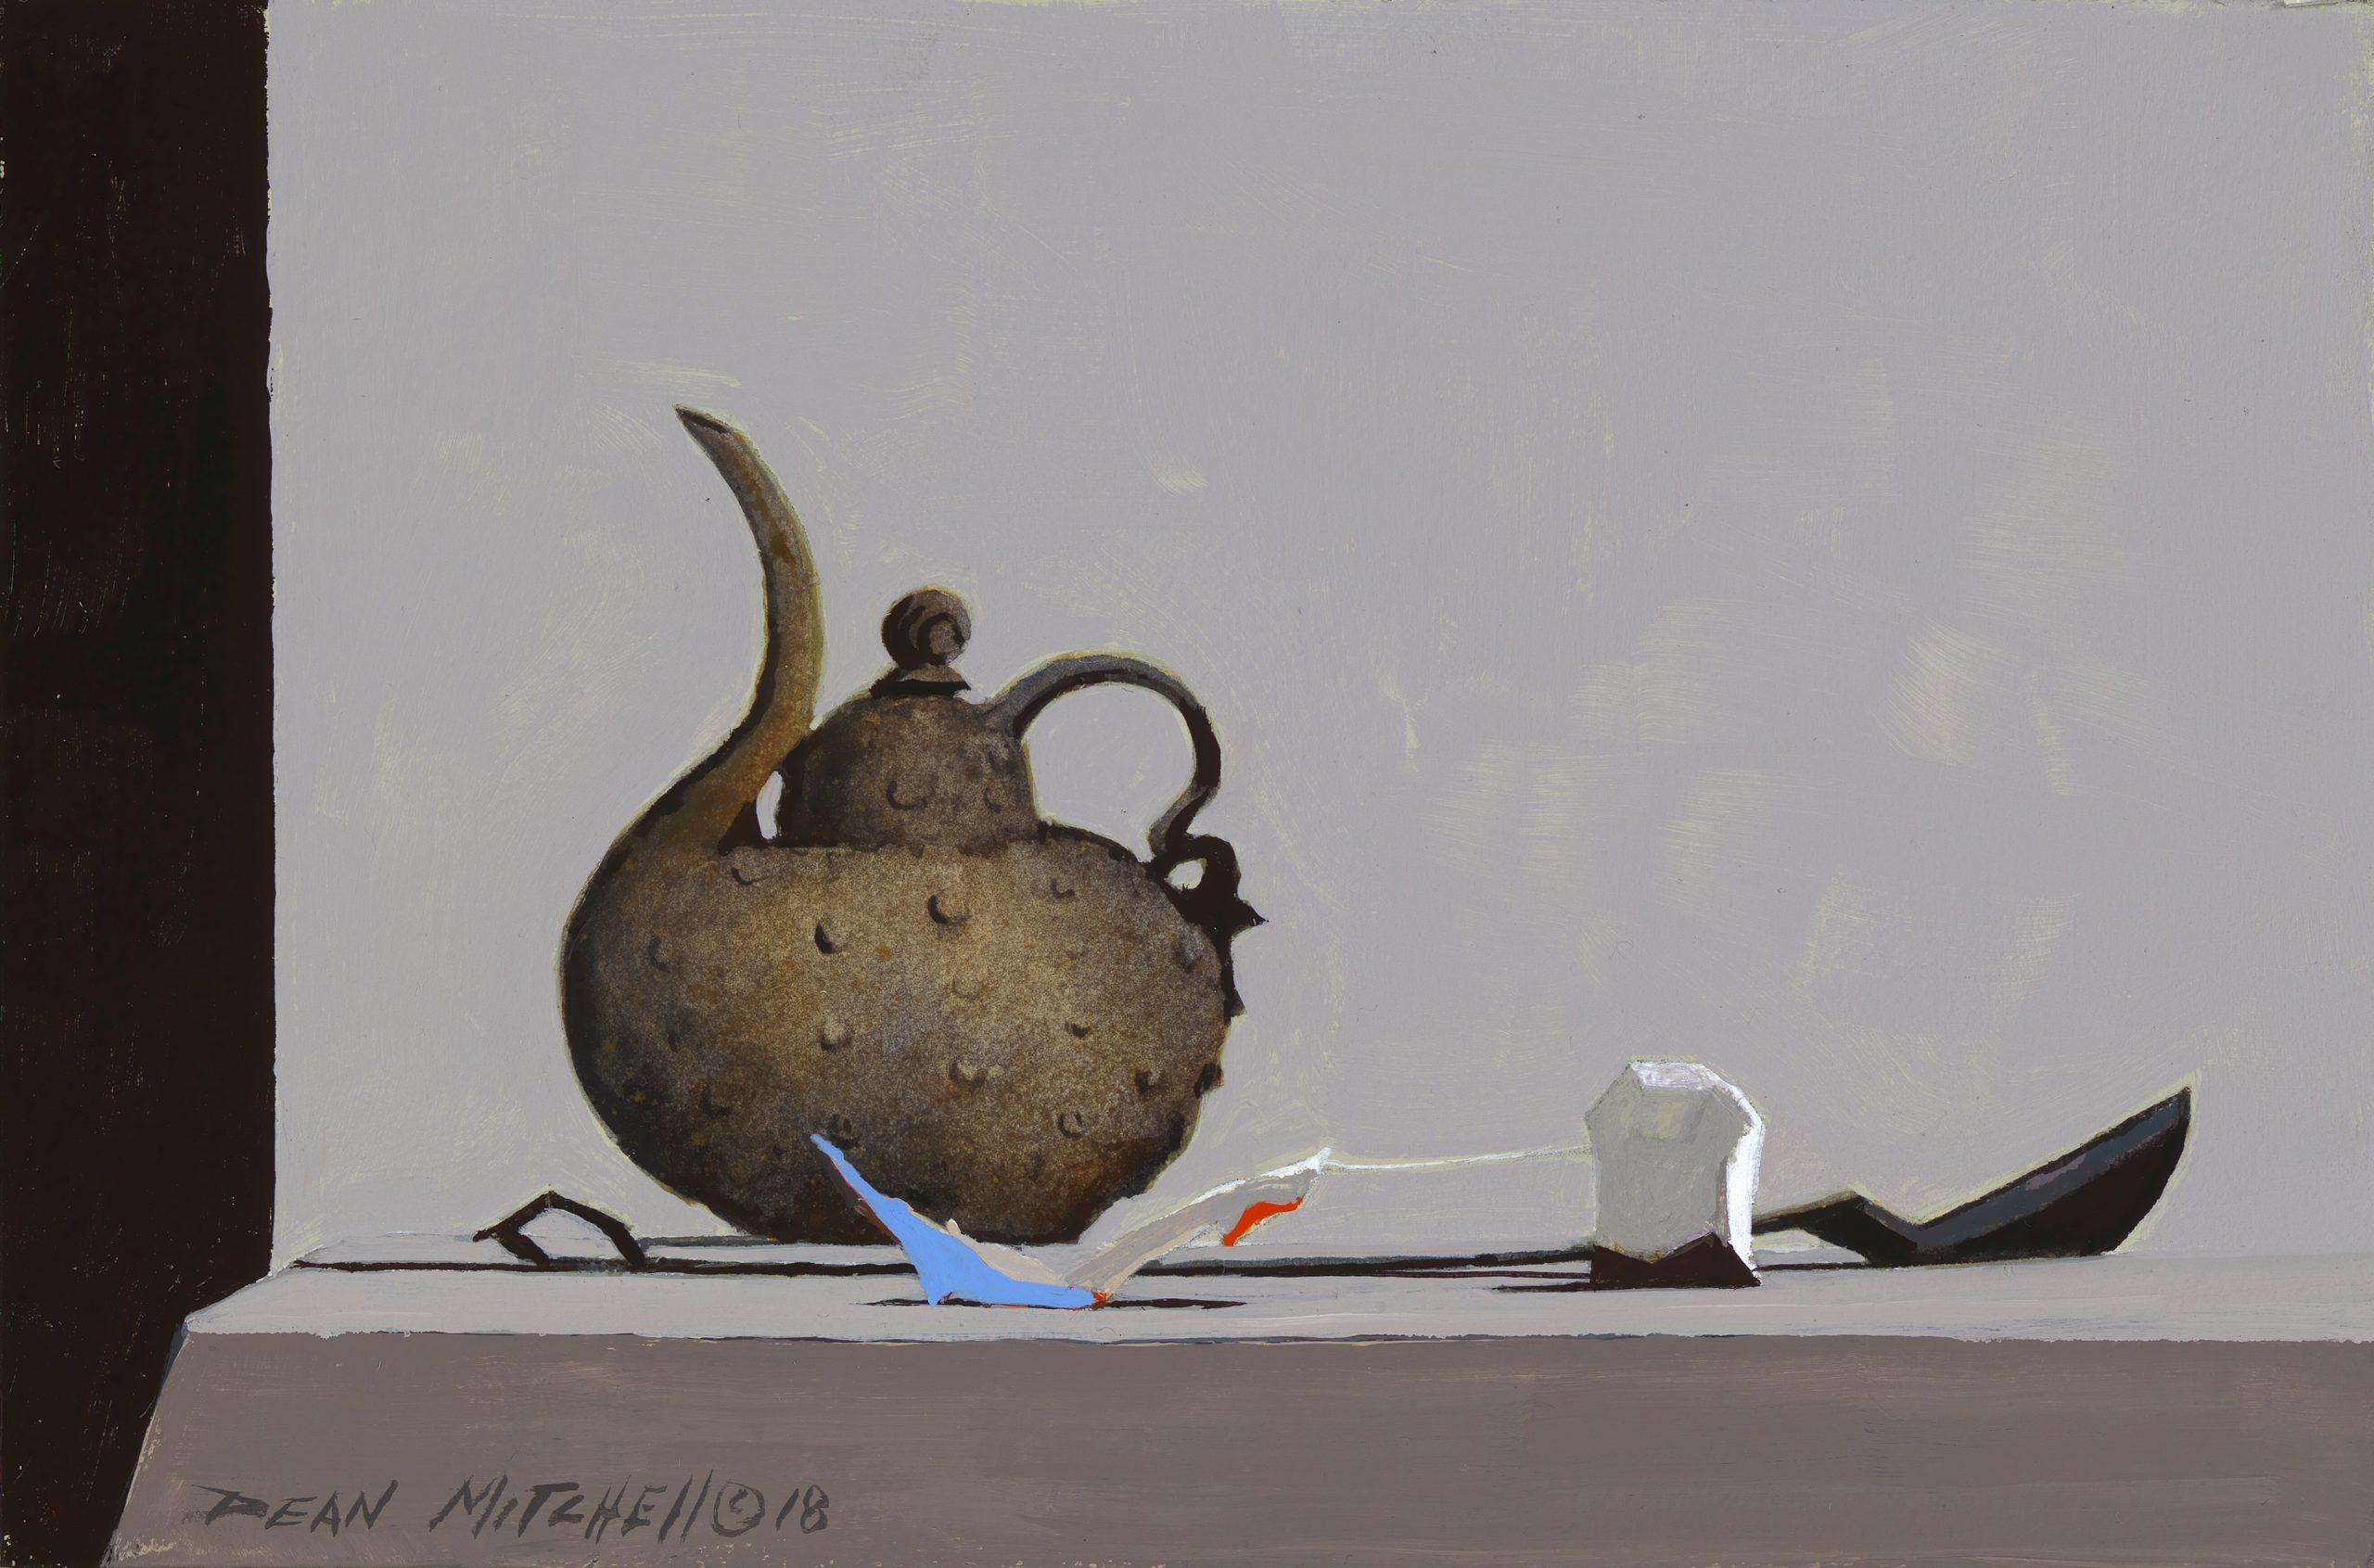 Tea Bag & Antiques